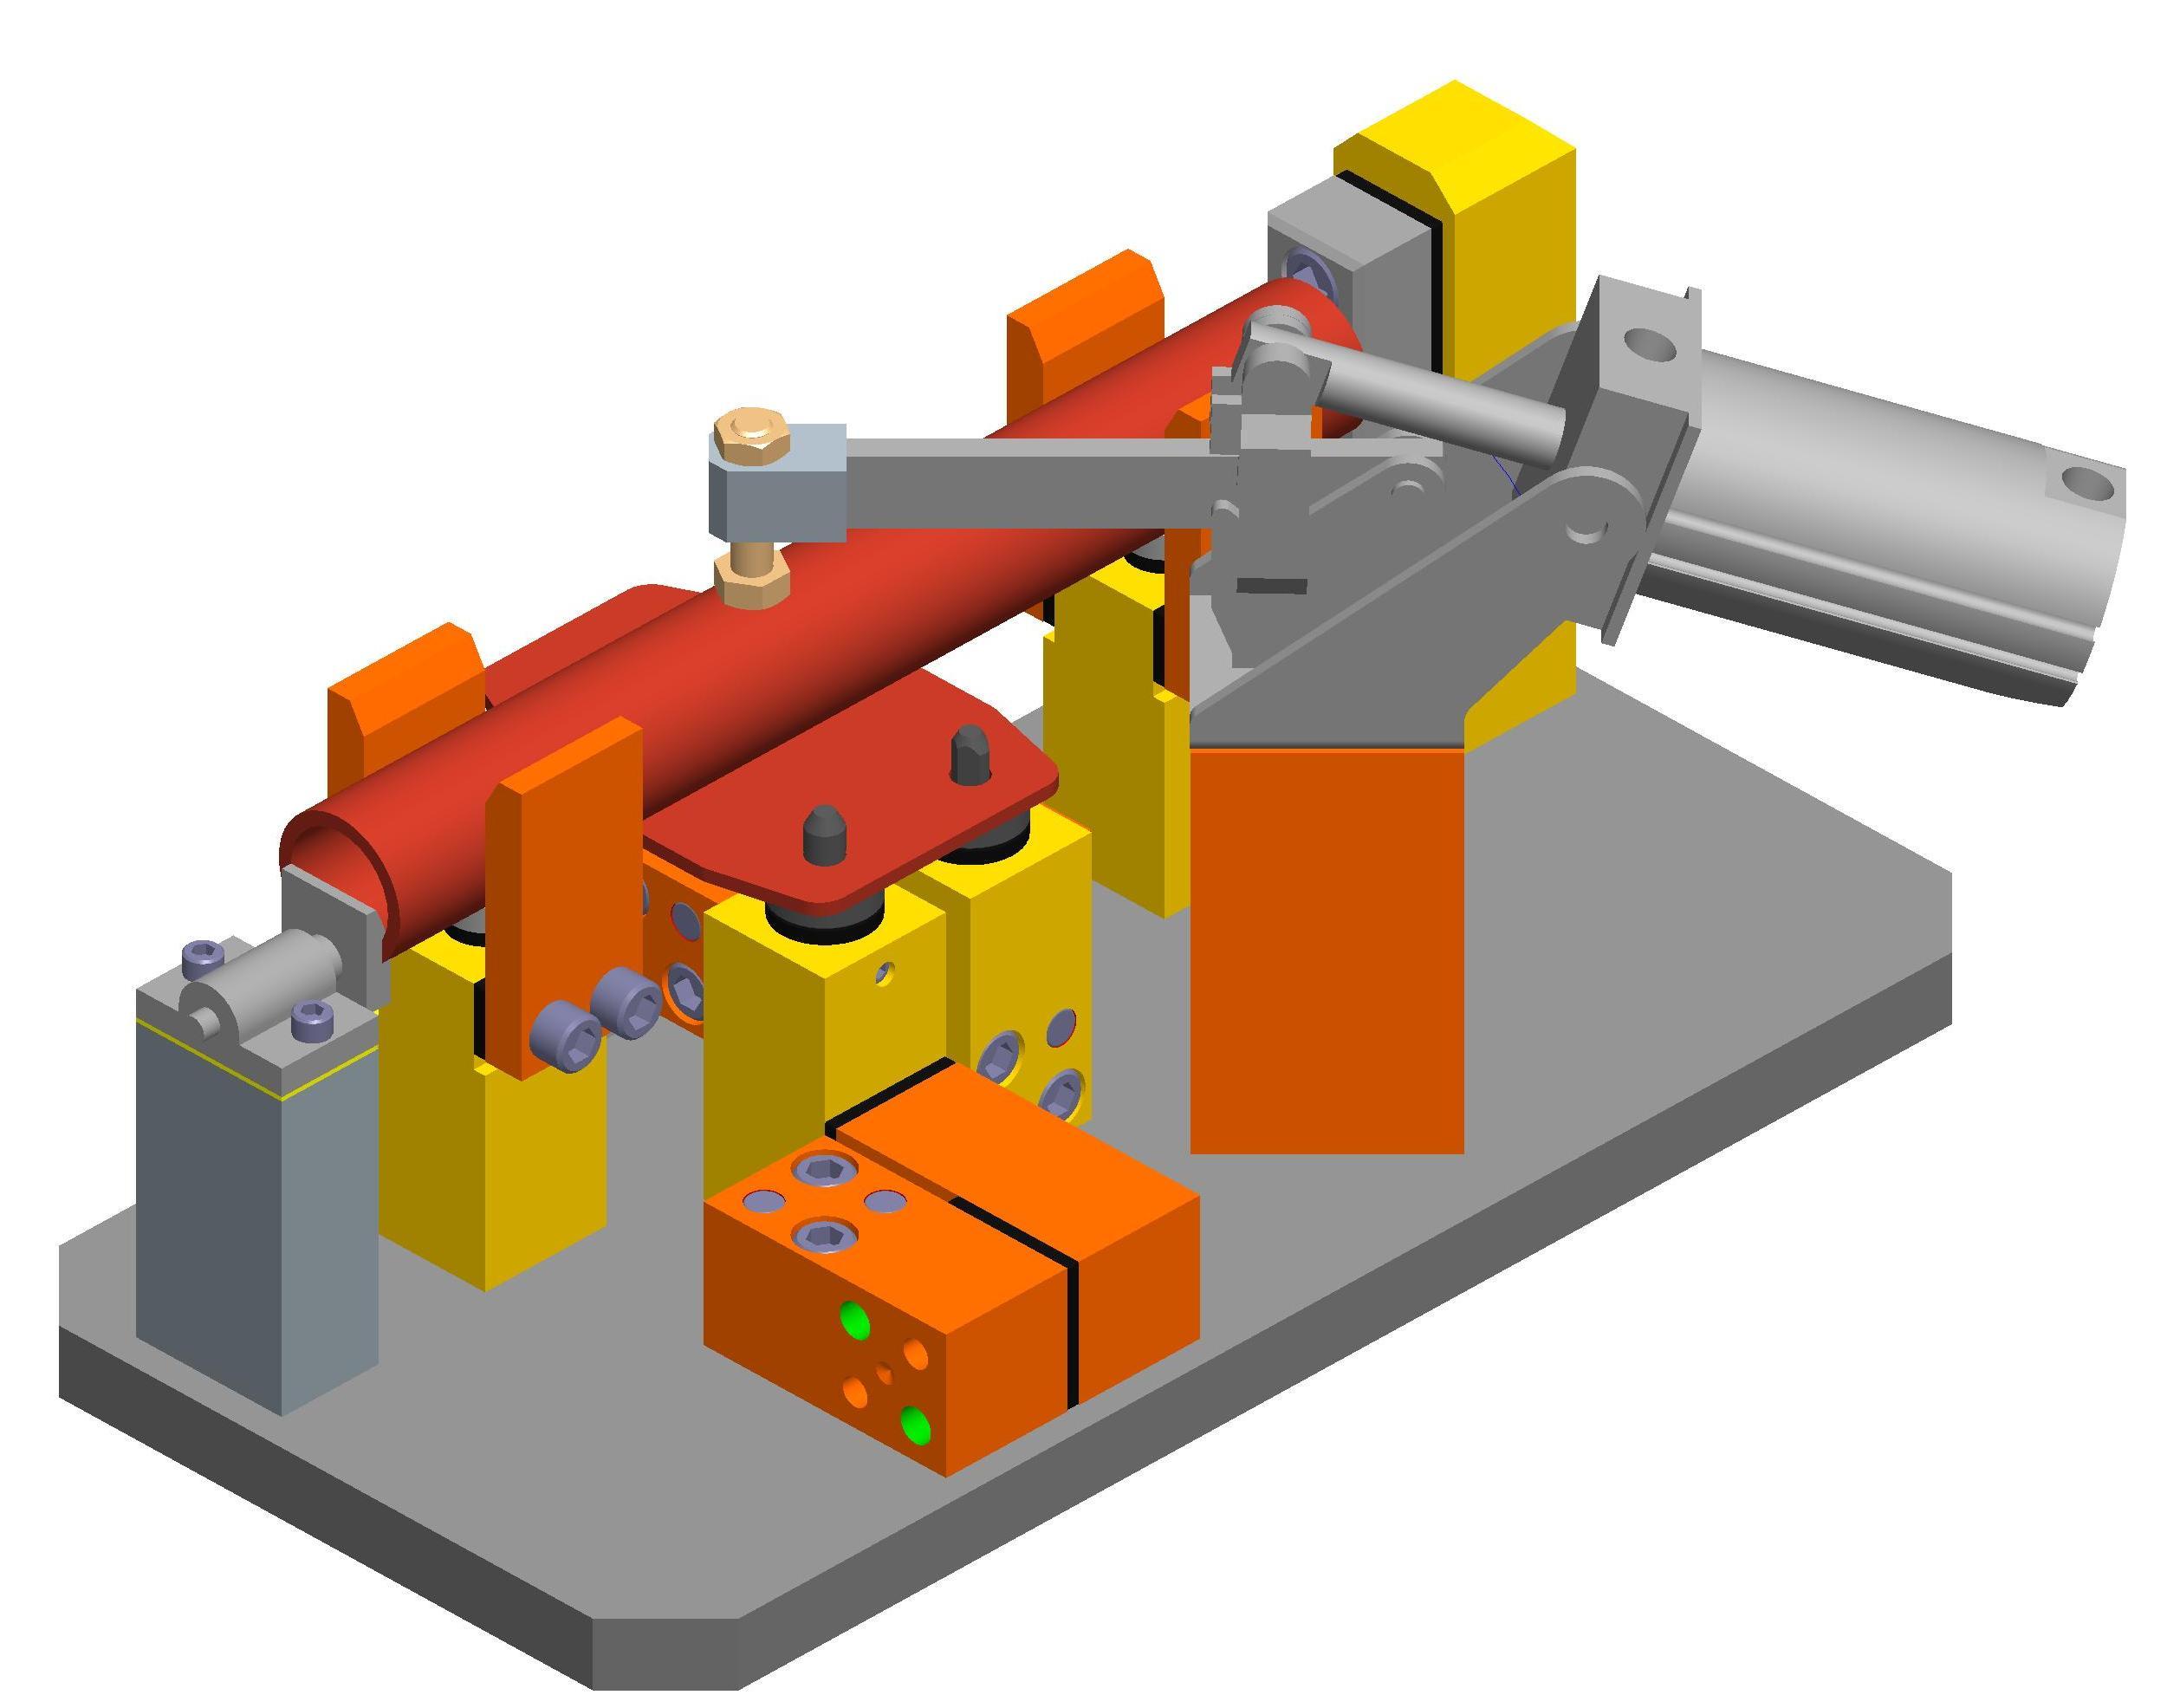 Design For Welding In Mechanical Engineering